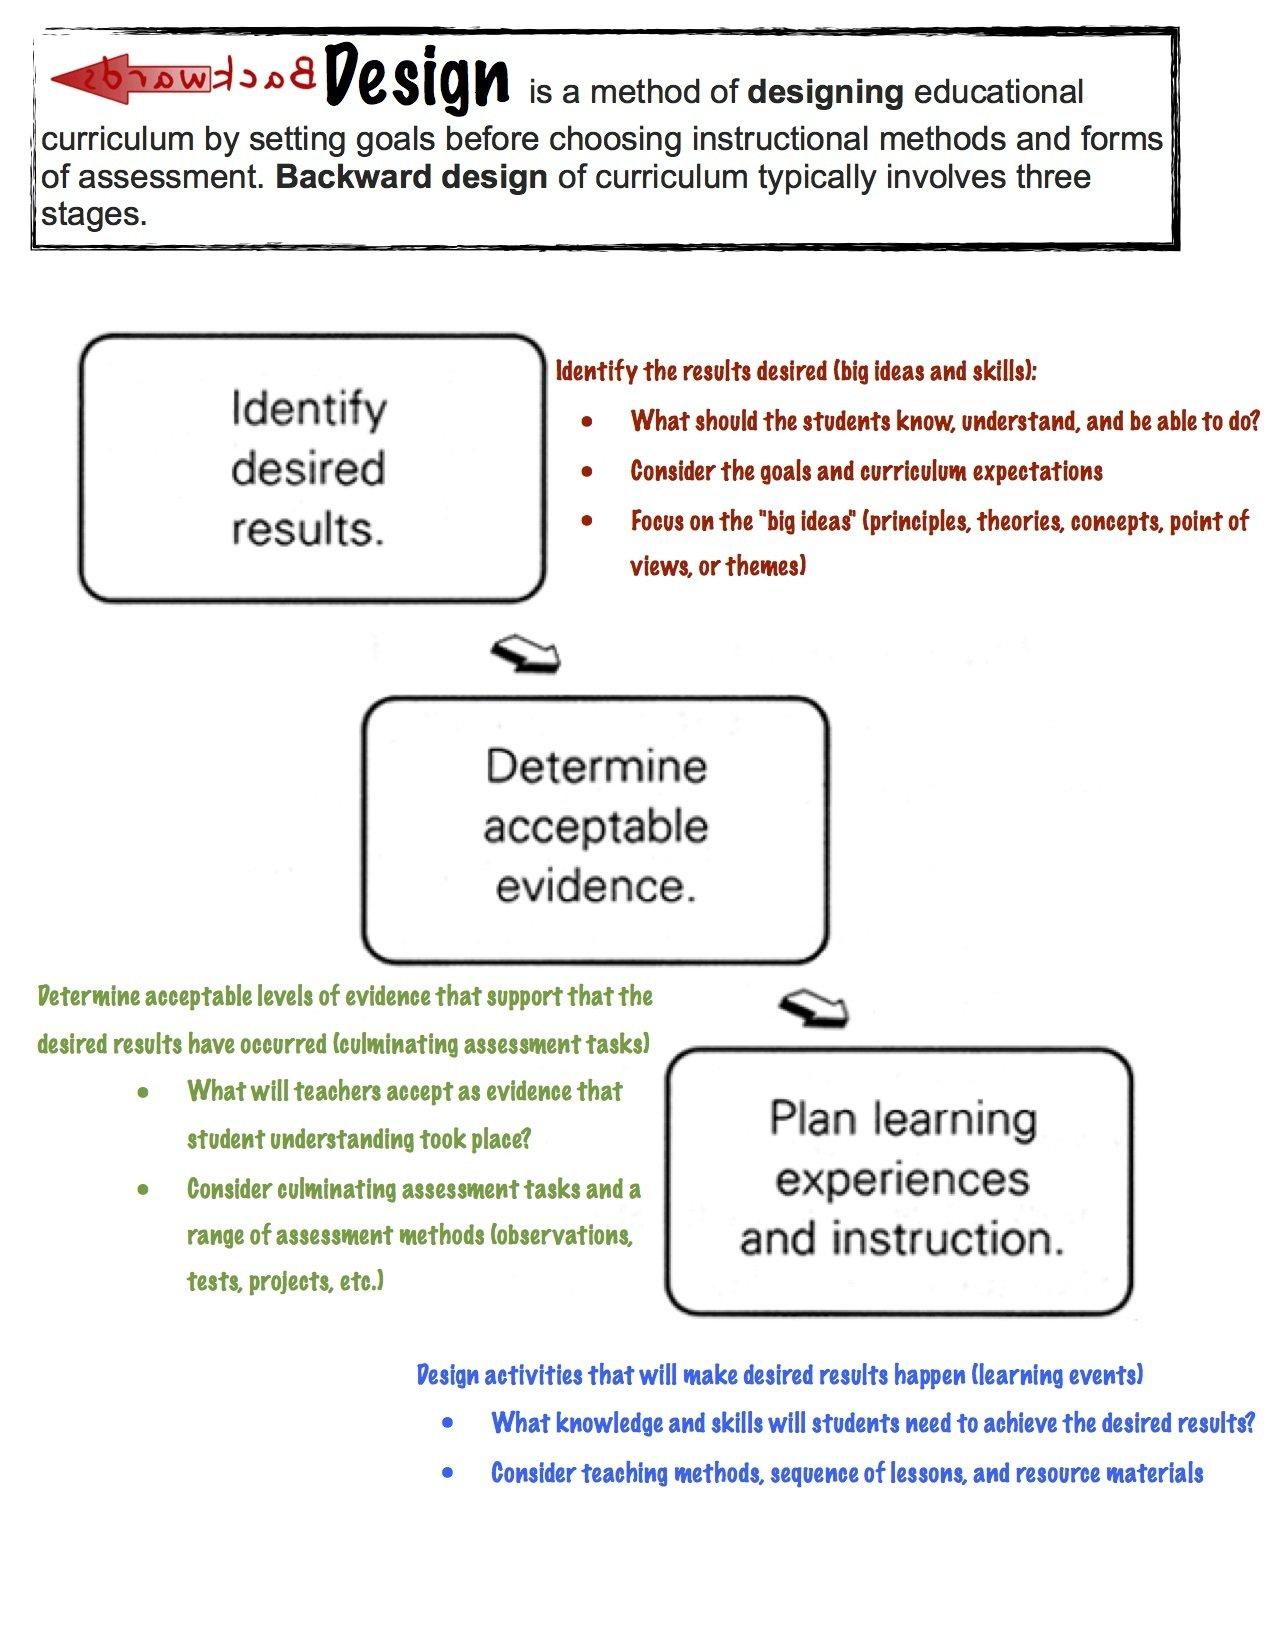 Backwards Design Reference Guide 00012